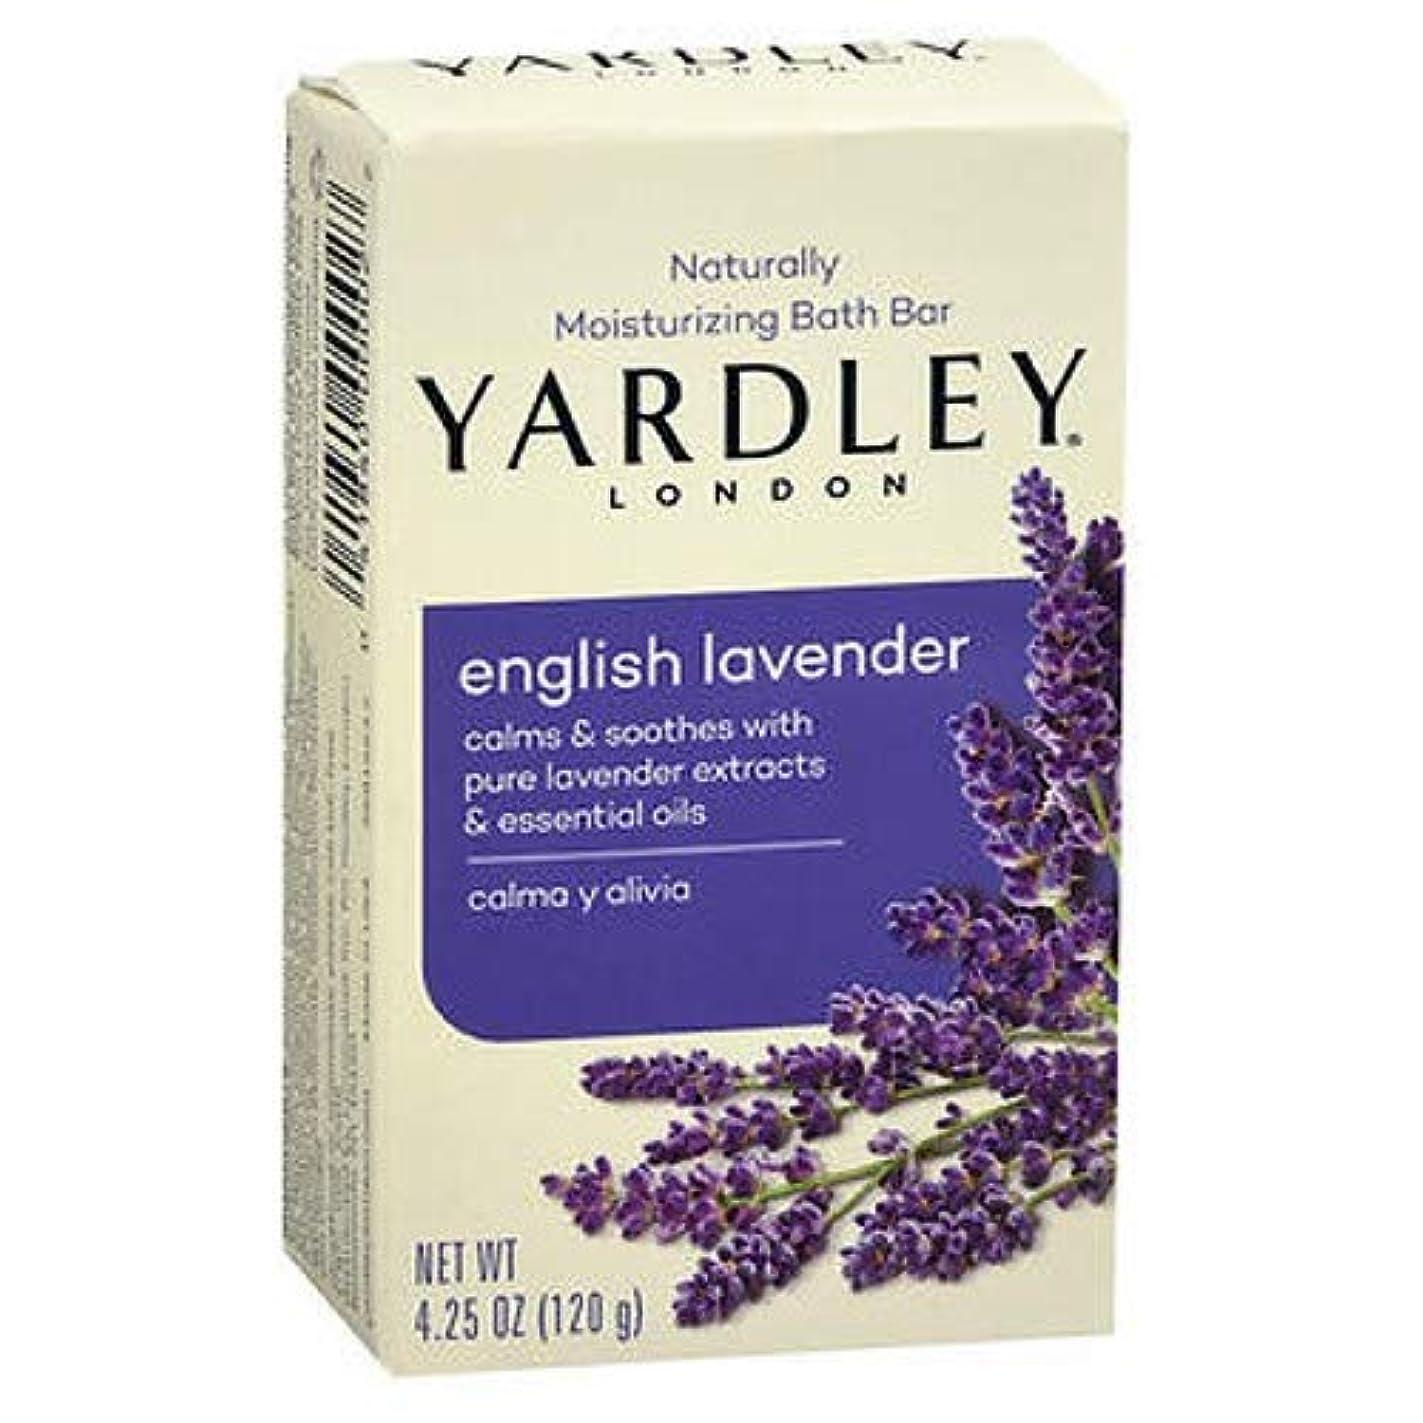 反対言う最終的に海外直送品Yardley Yardley London Naturally Moisturizing Bar Soap, English Lavender 4.25 oz (Pack of 4)